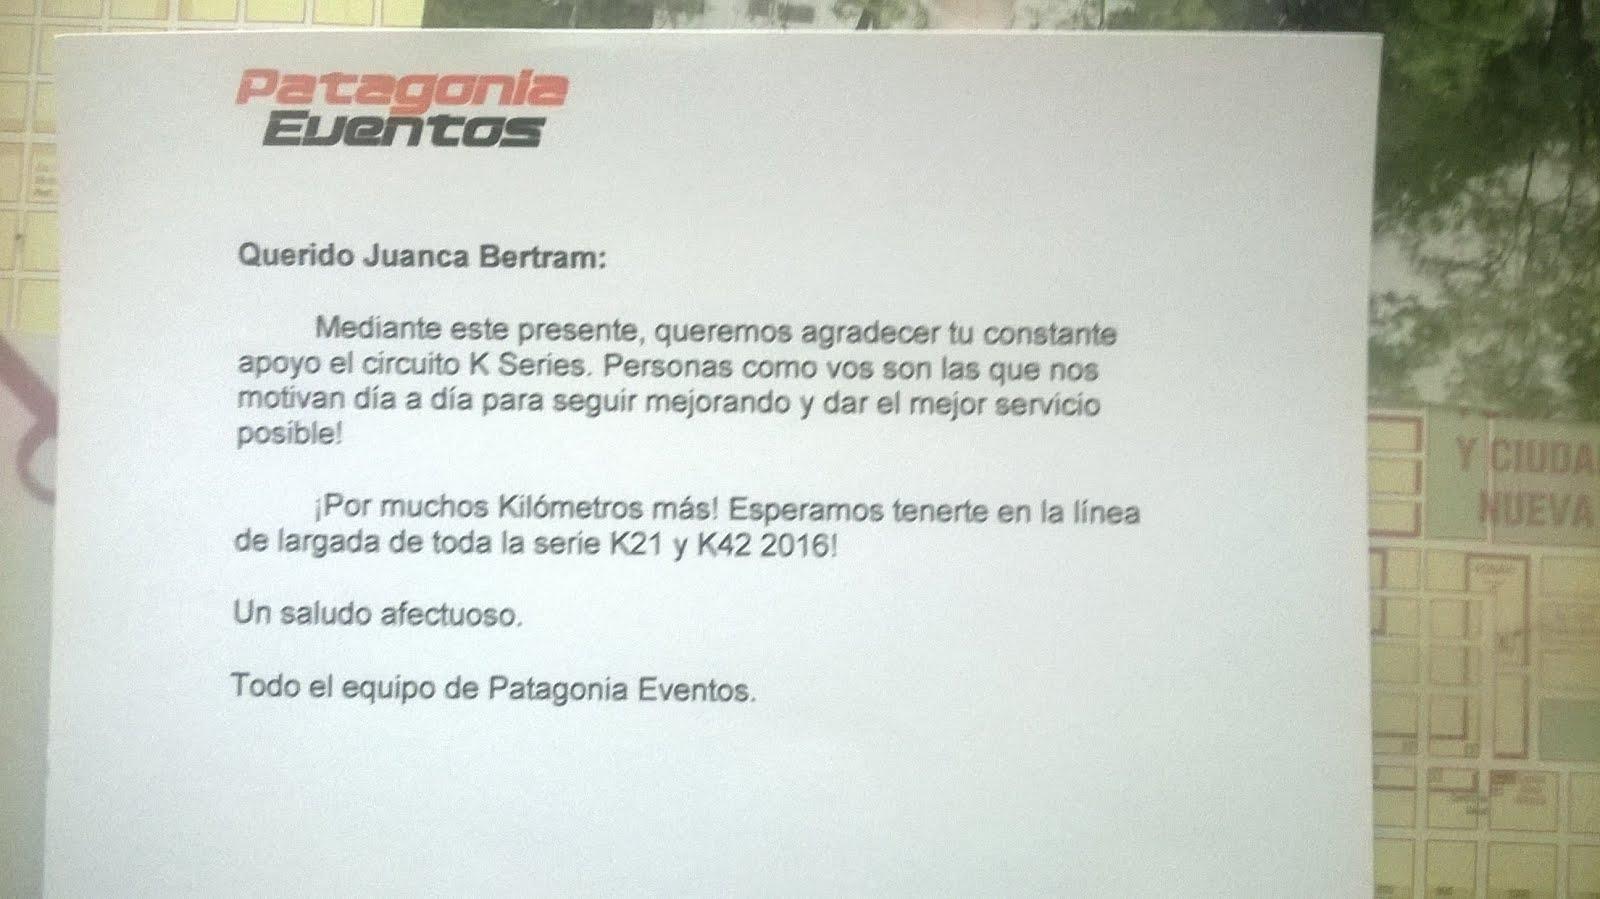 Reconocimiento de Patagonia Eventos.